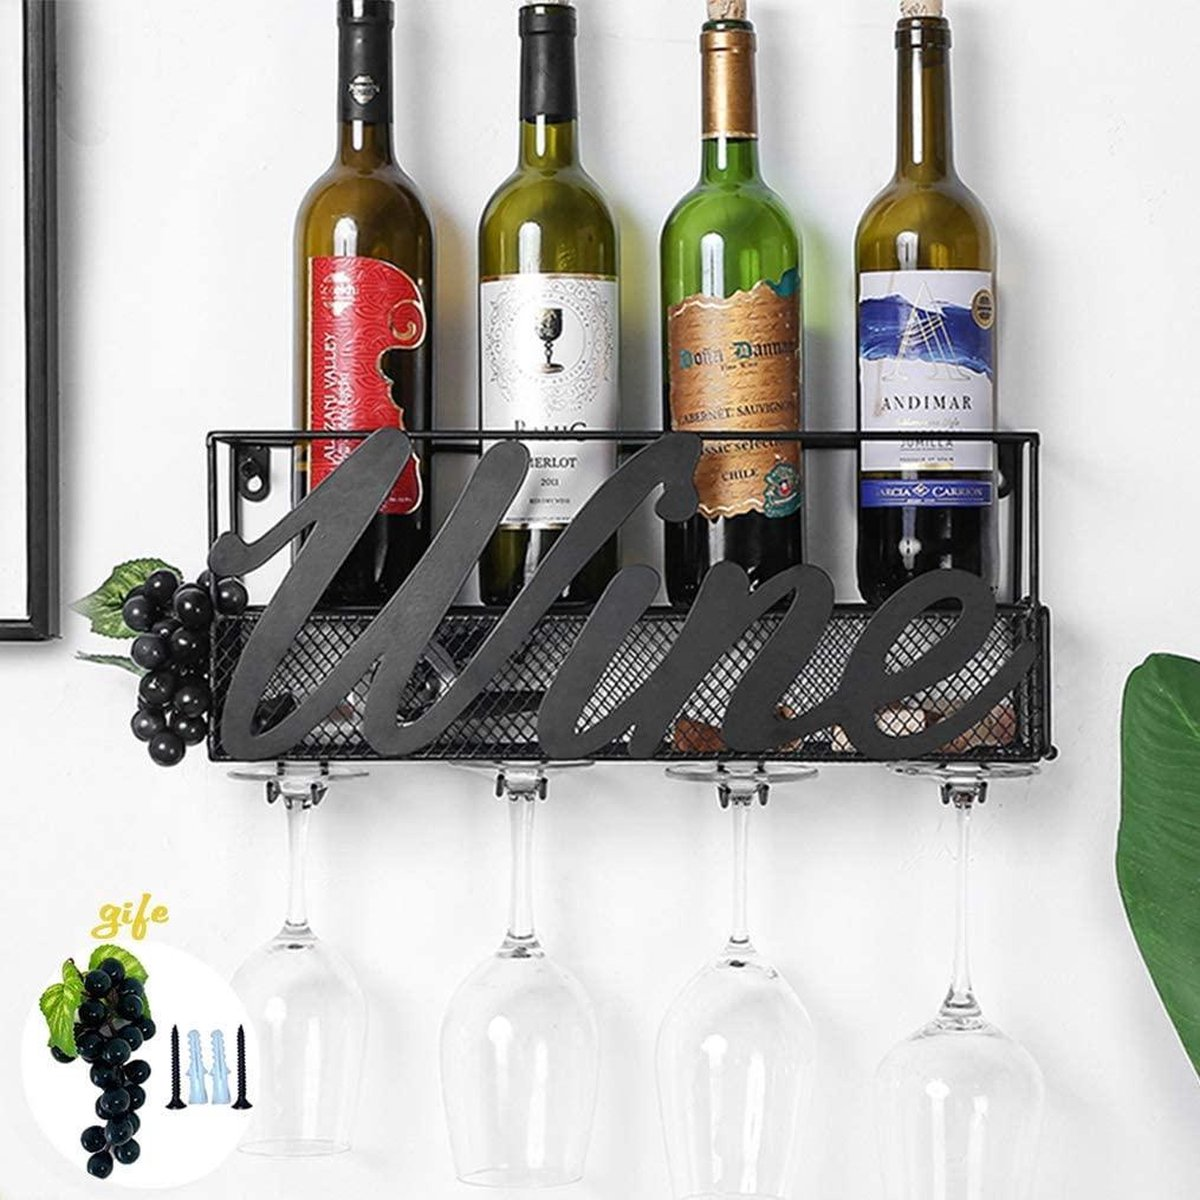 HN® - wandgemonteerd wijnrek, decoratieve wandgemonteerde metalen wijnflesdoos voor muur / flessenhouder / glas / decor voor huis en keuken - wijn